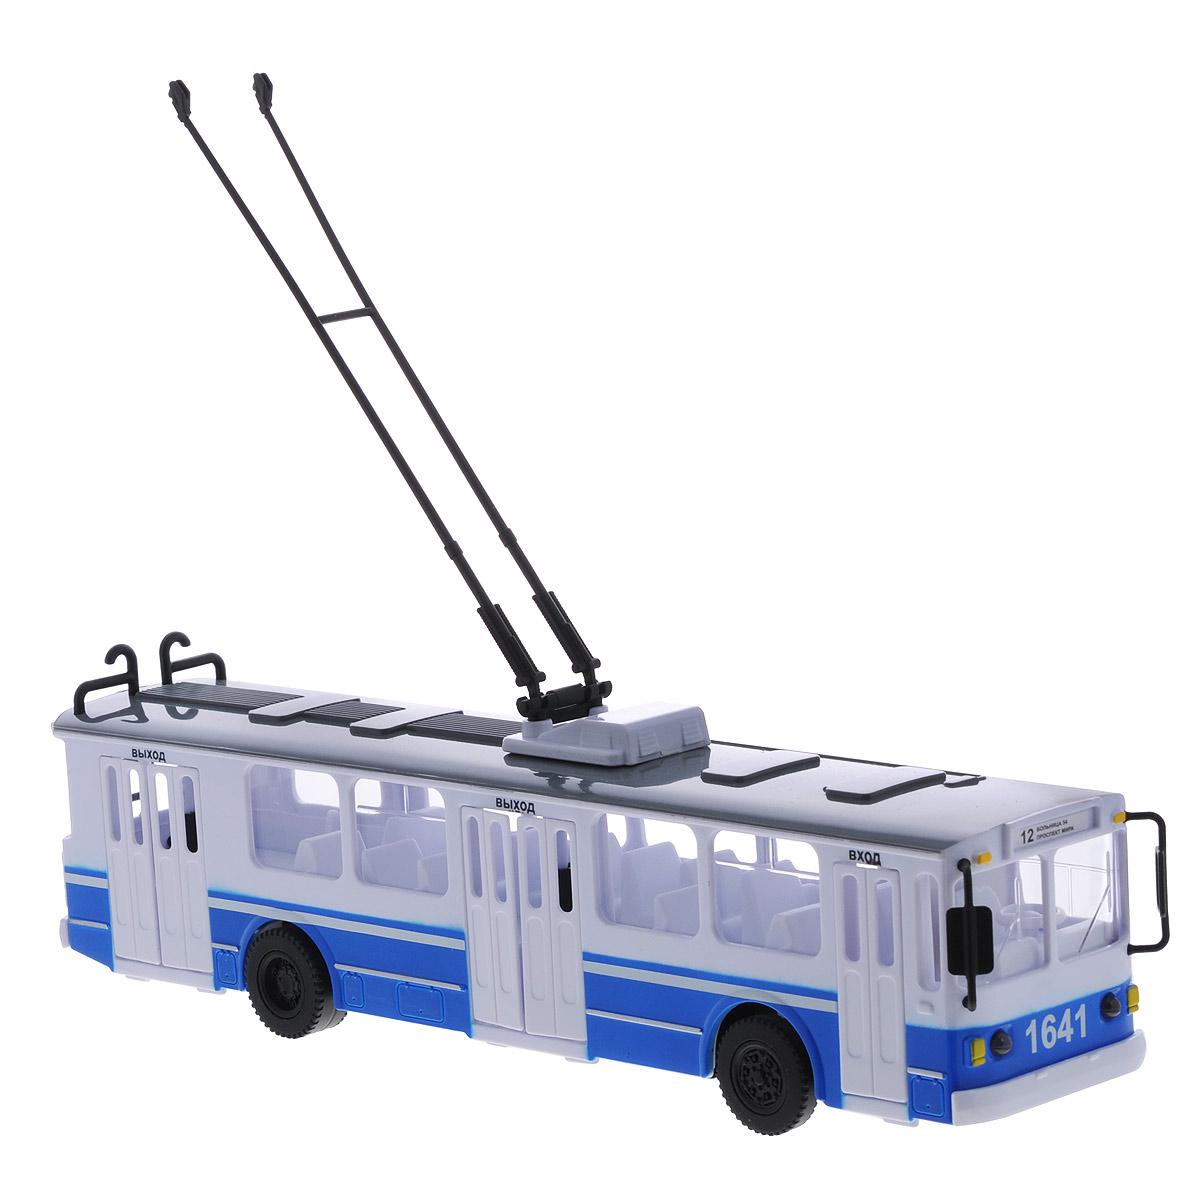 игрушка технопарк троллейбус trol rc Игрушка инерционная ТехноПарк Троллейбус